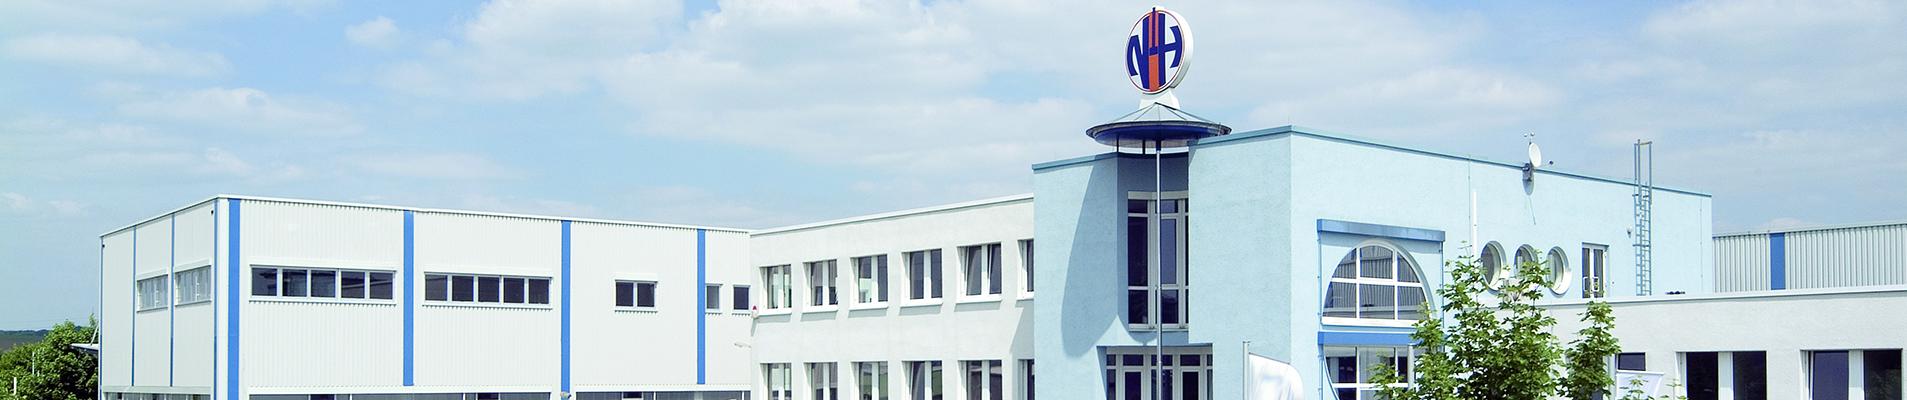 Neumeister Hydraulik Firmenzentrale in Neustadt, Kunde von Accenon